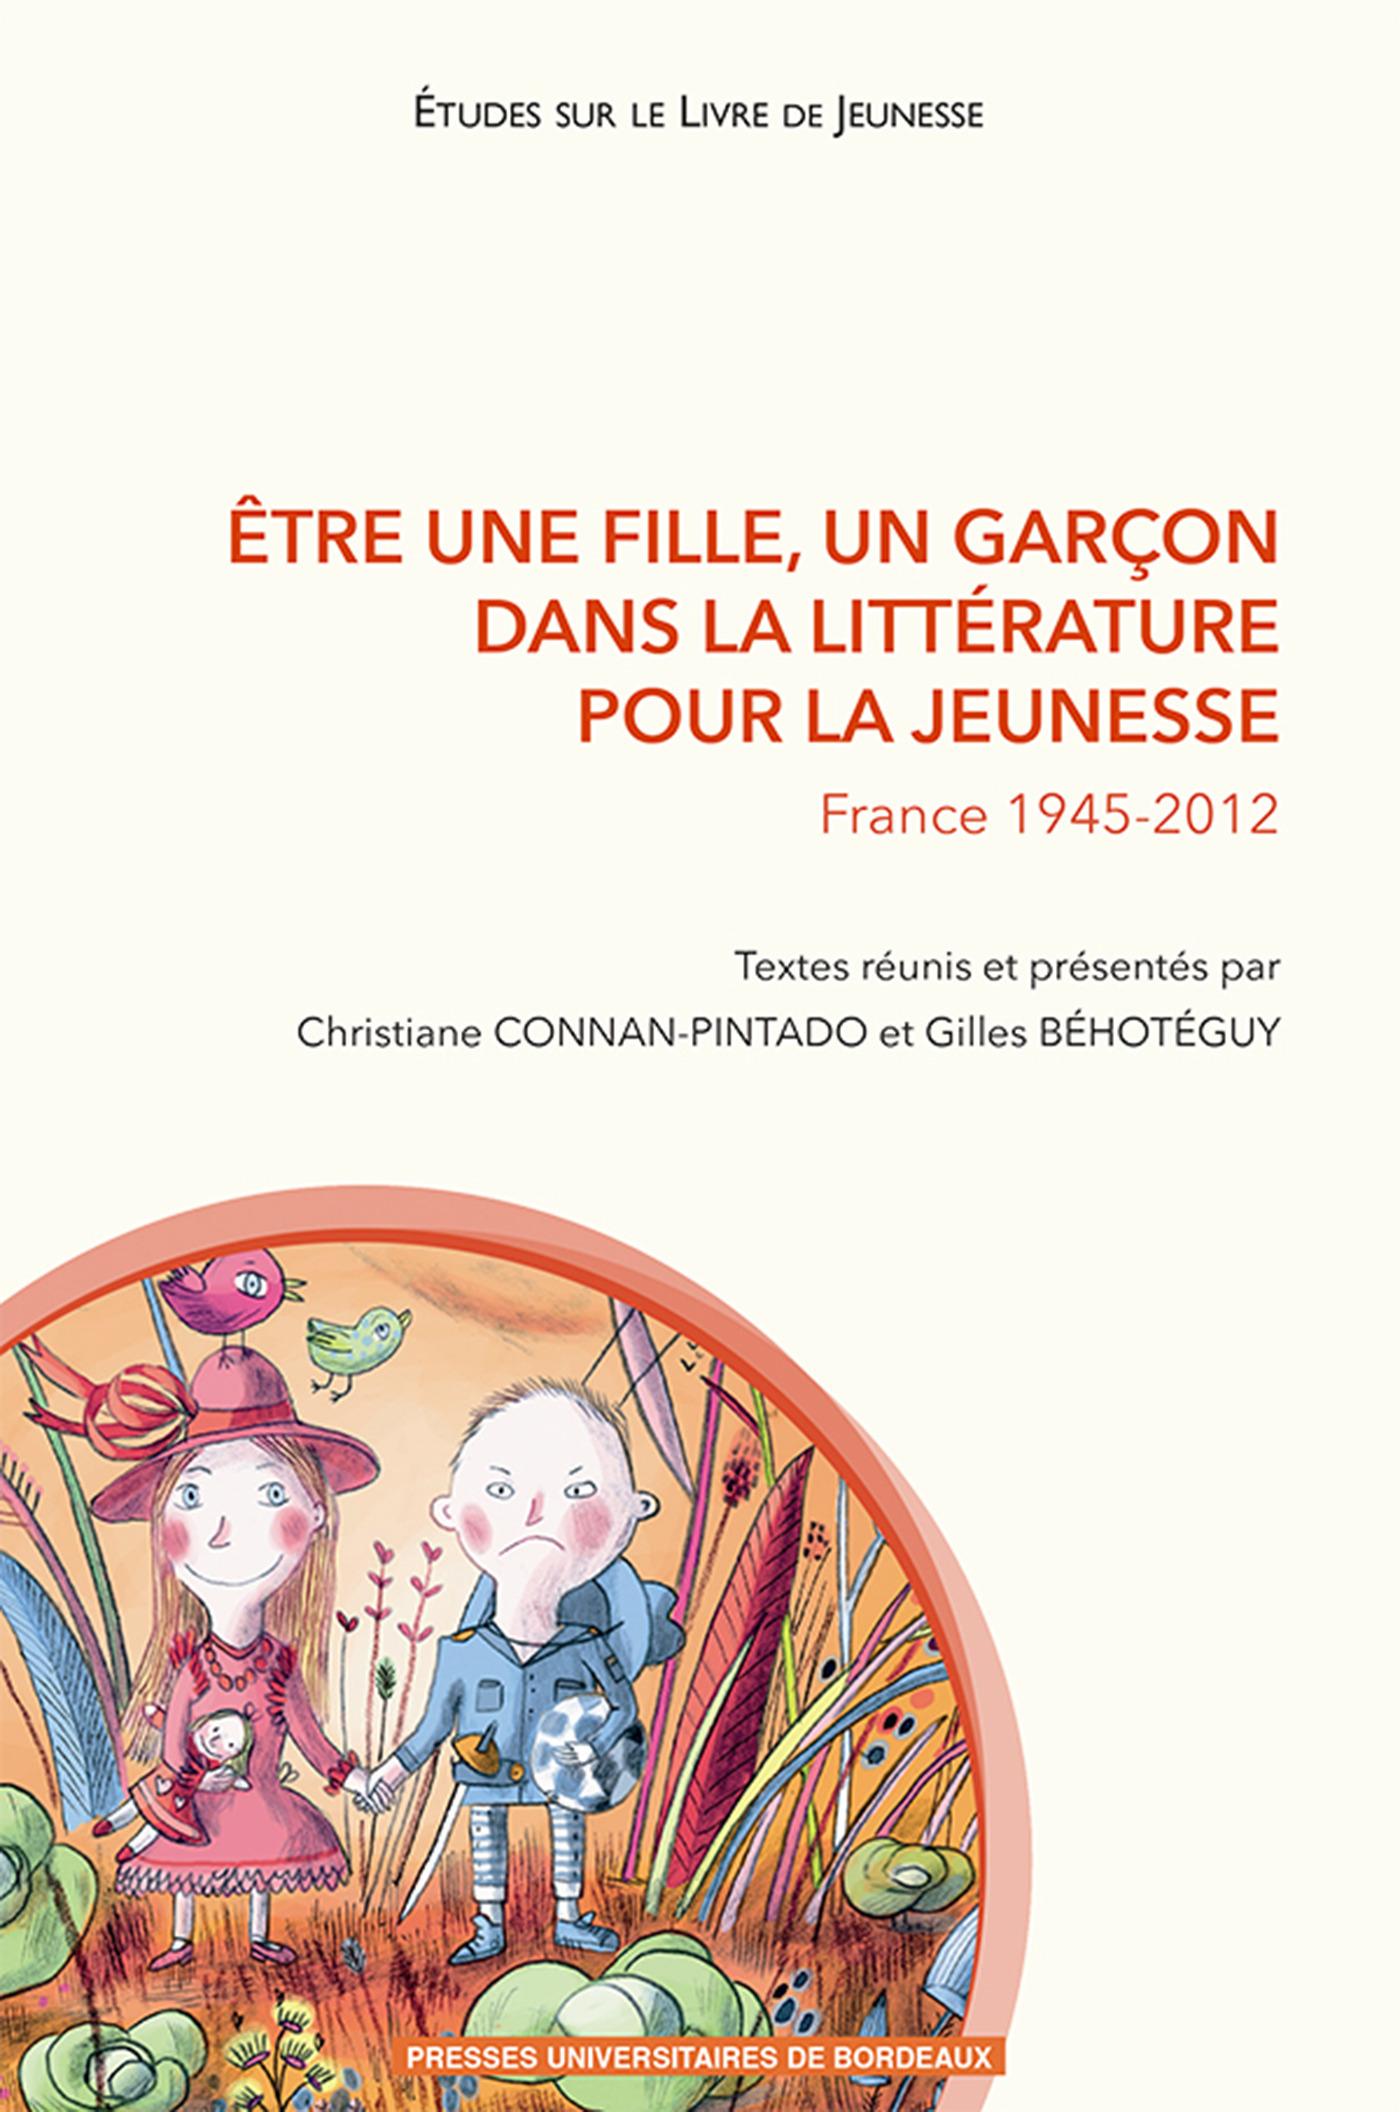 ETRE UNE FILLE, UN GARCON DANS LA LITTERATURE POUR LA JEUNESSE FRANCE 1945-2012